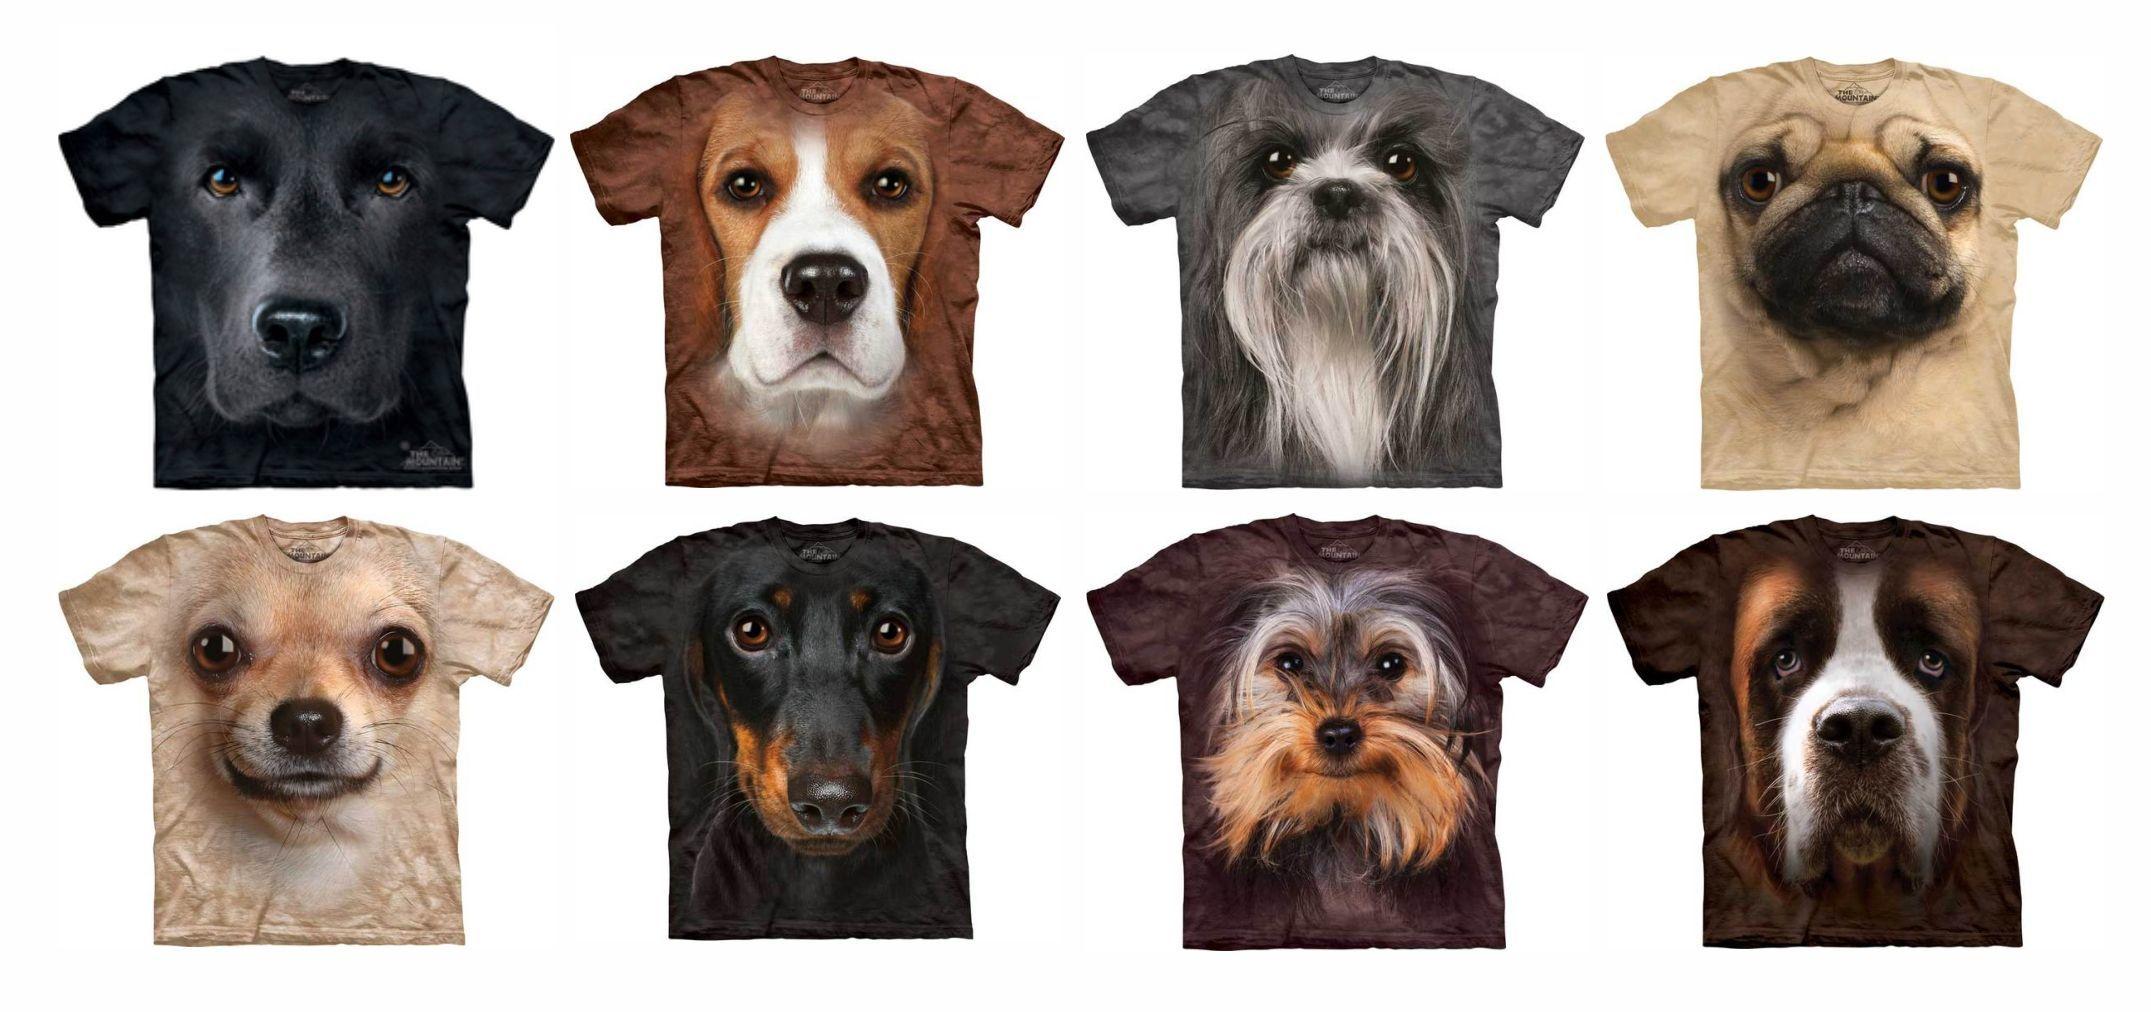 estampa_realista_de_cachorro_pra_vestir